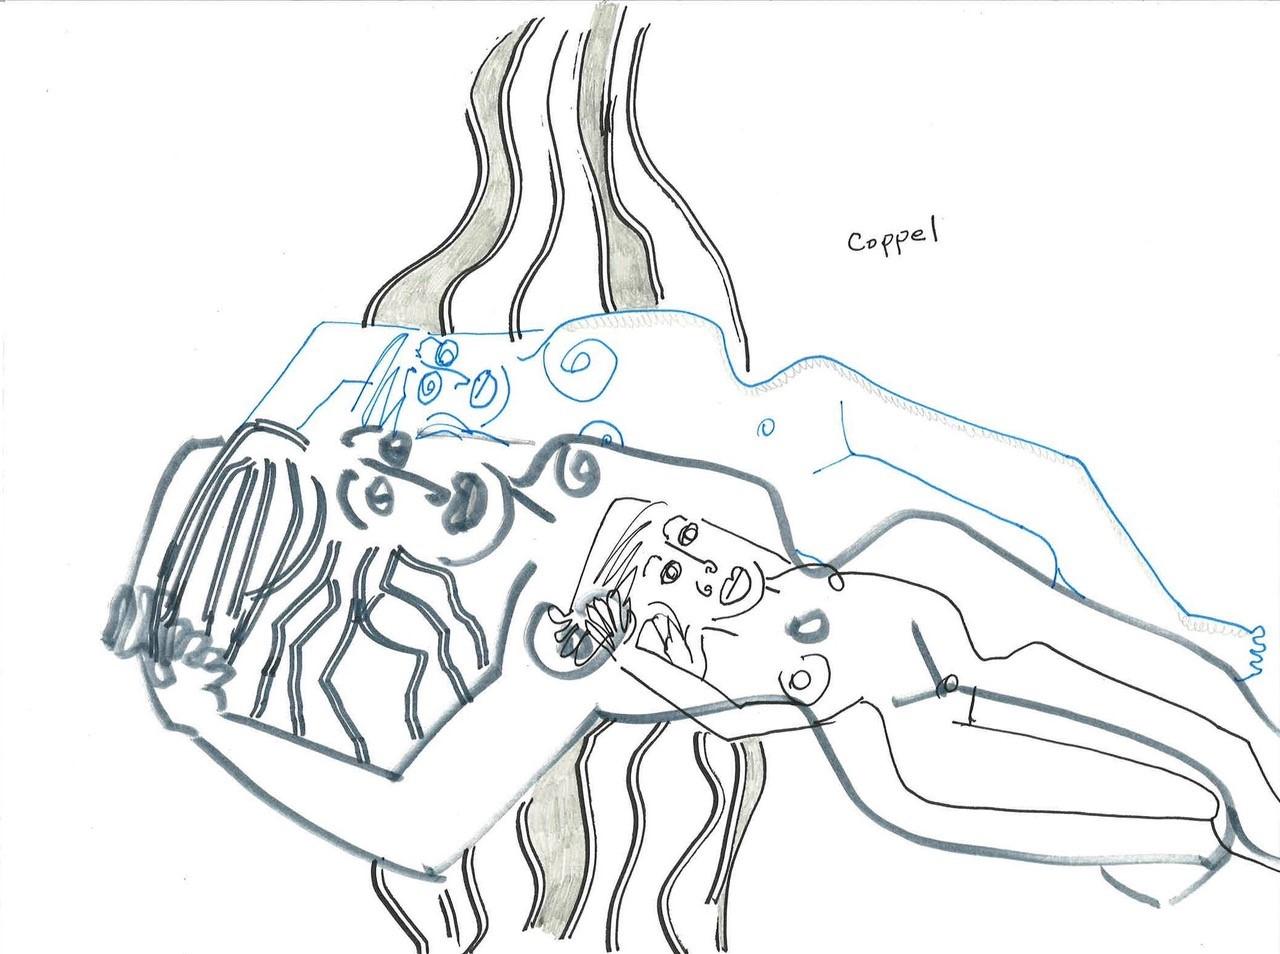 Coppel Nudes.jpg